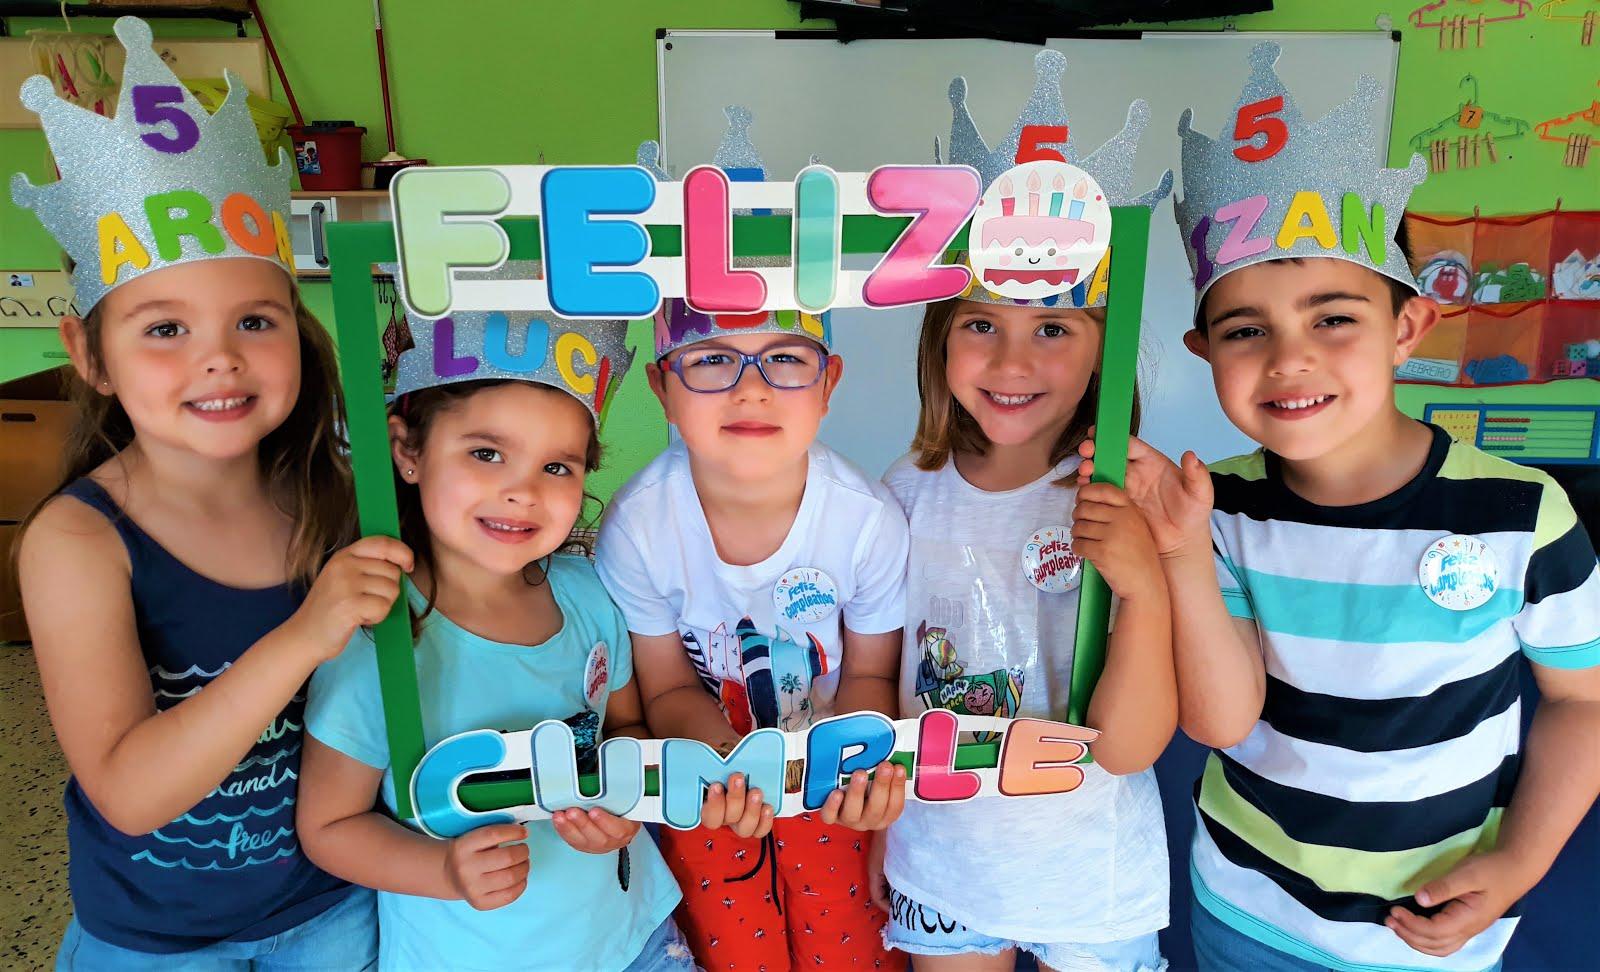 No verán celebramos os aniversarios de Aroa, Lucía, Xabi, Zaira e Izan!